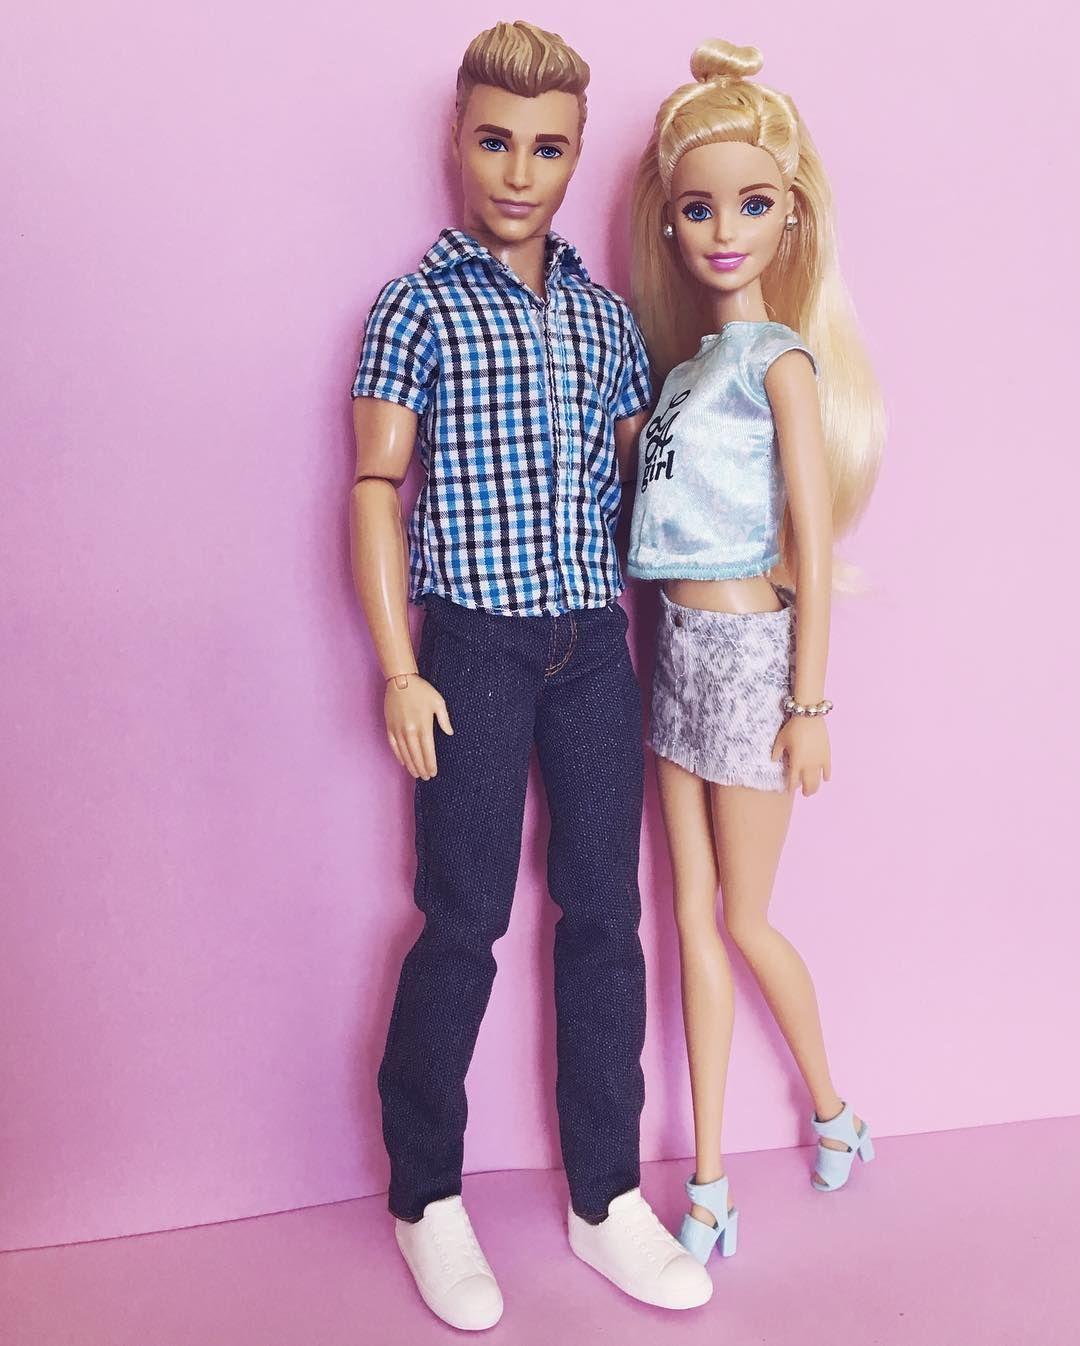 Кен и барби картинки